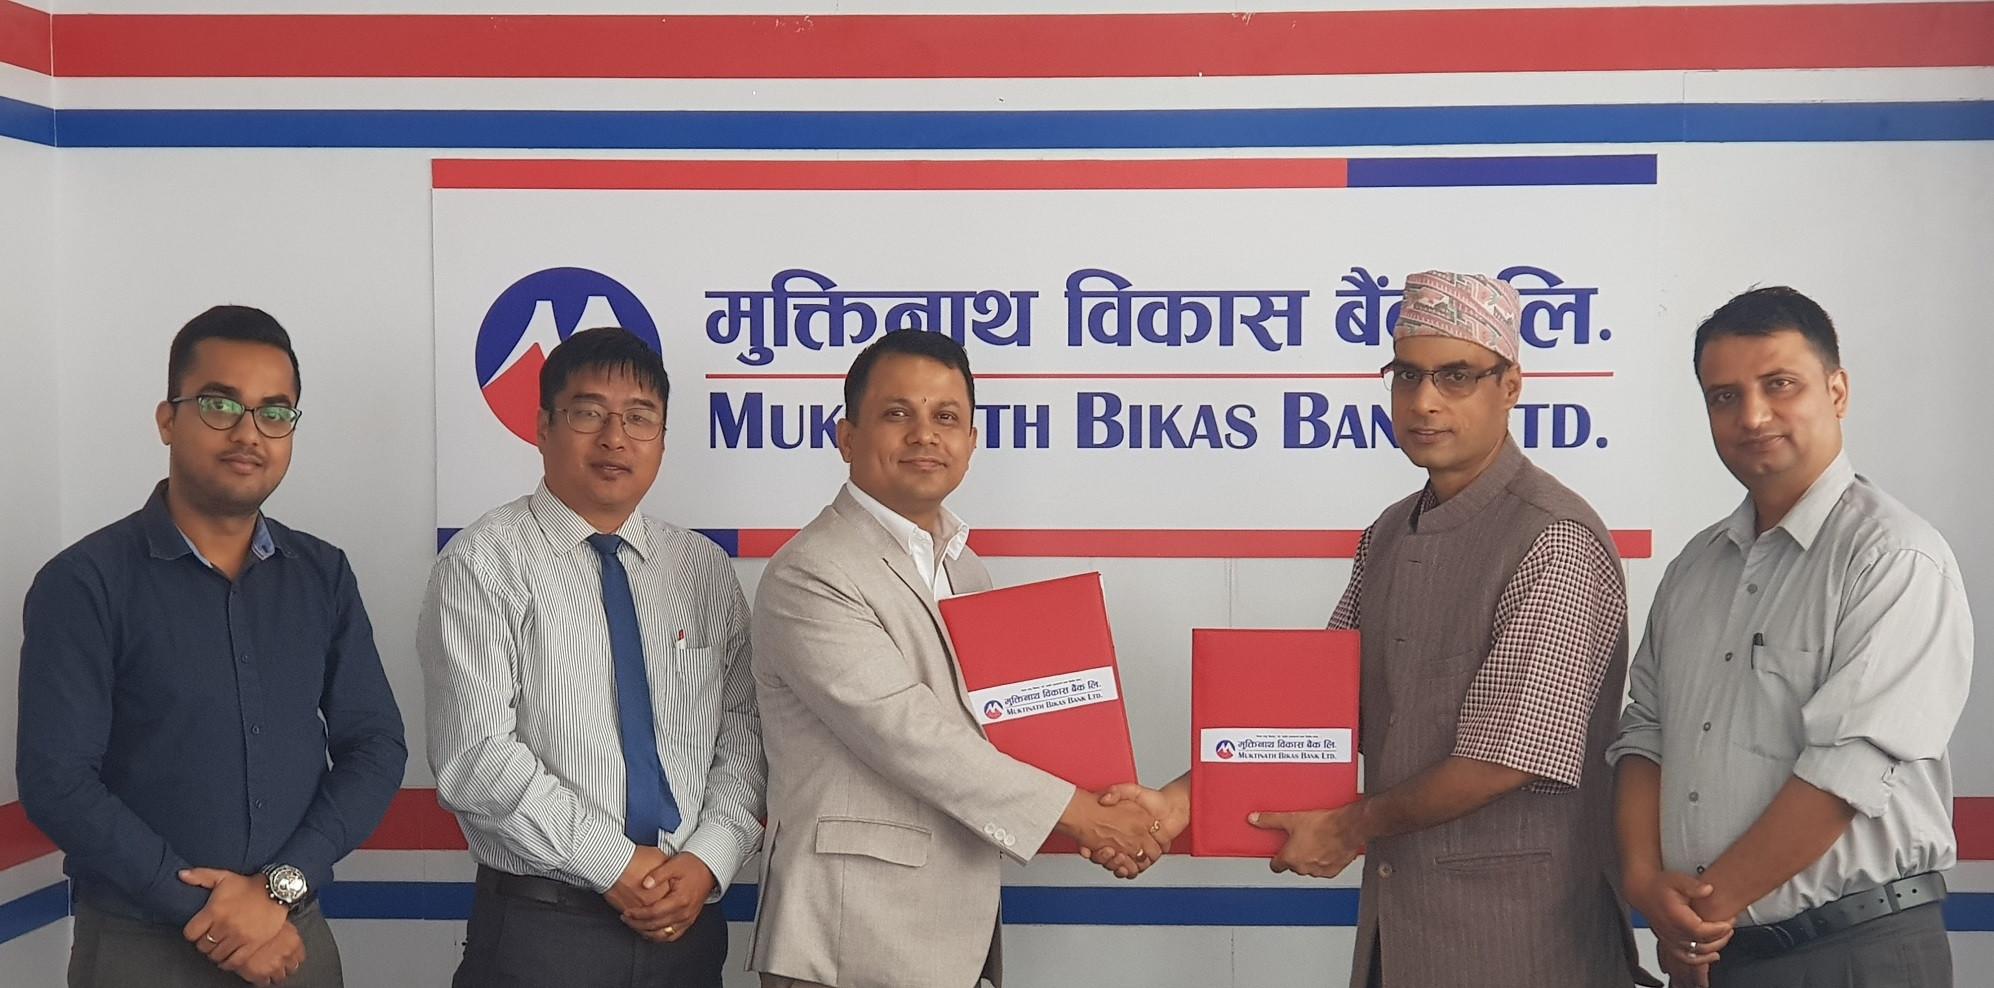 मुक्तिनाथ विकास बैंकका ग्राहकलाई ॐ समाज डेण्टल हस्पिटलमा १५ प्रतिशत छुट